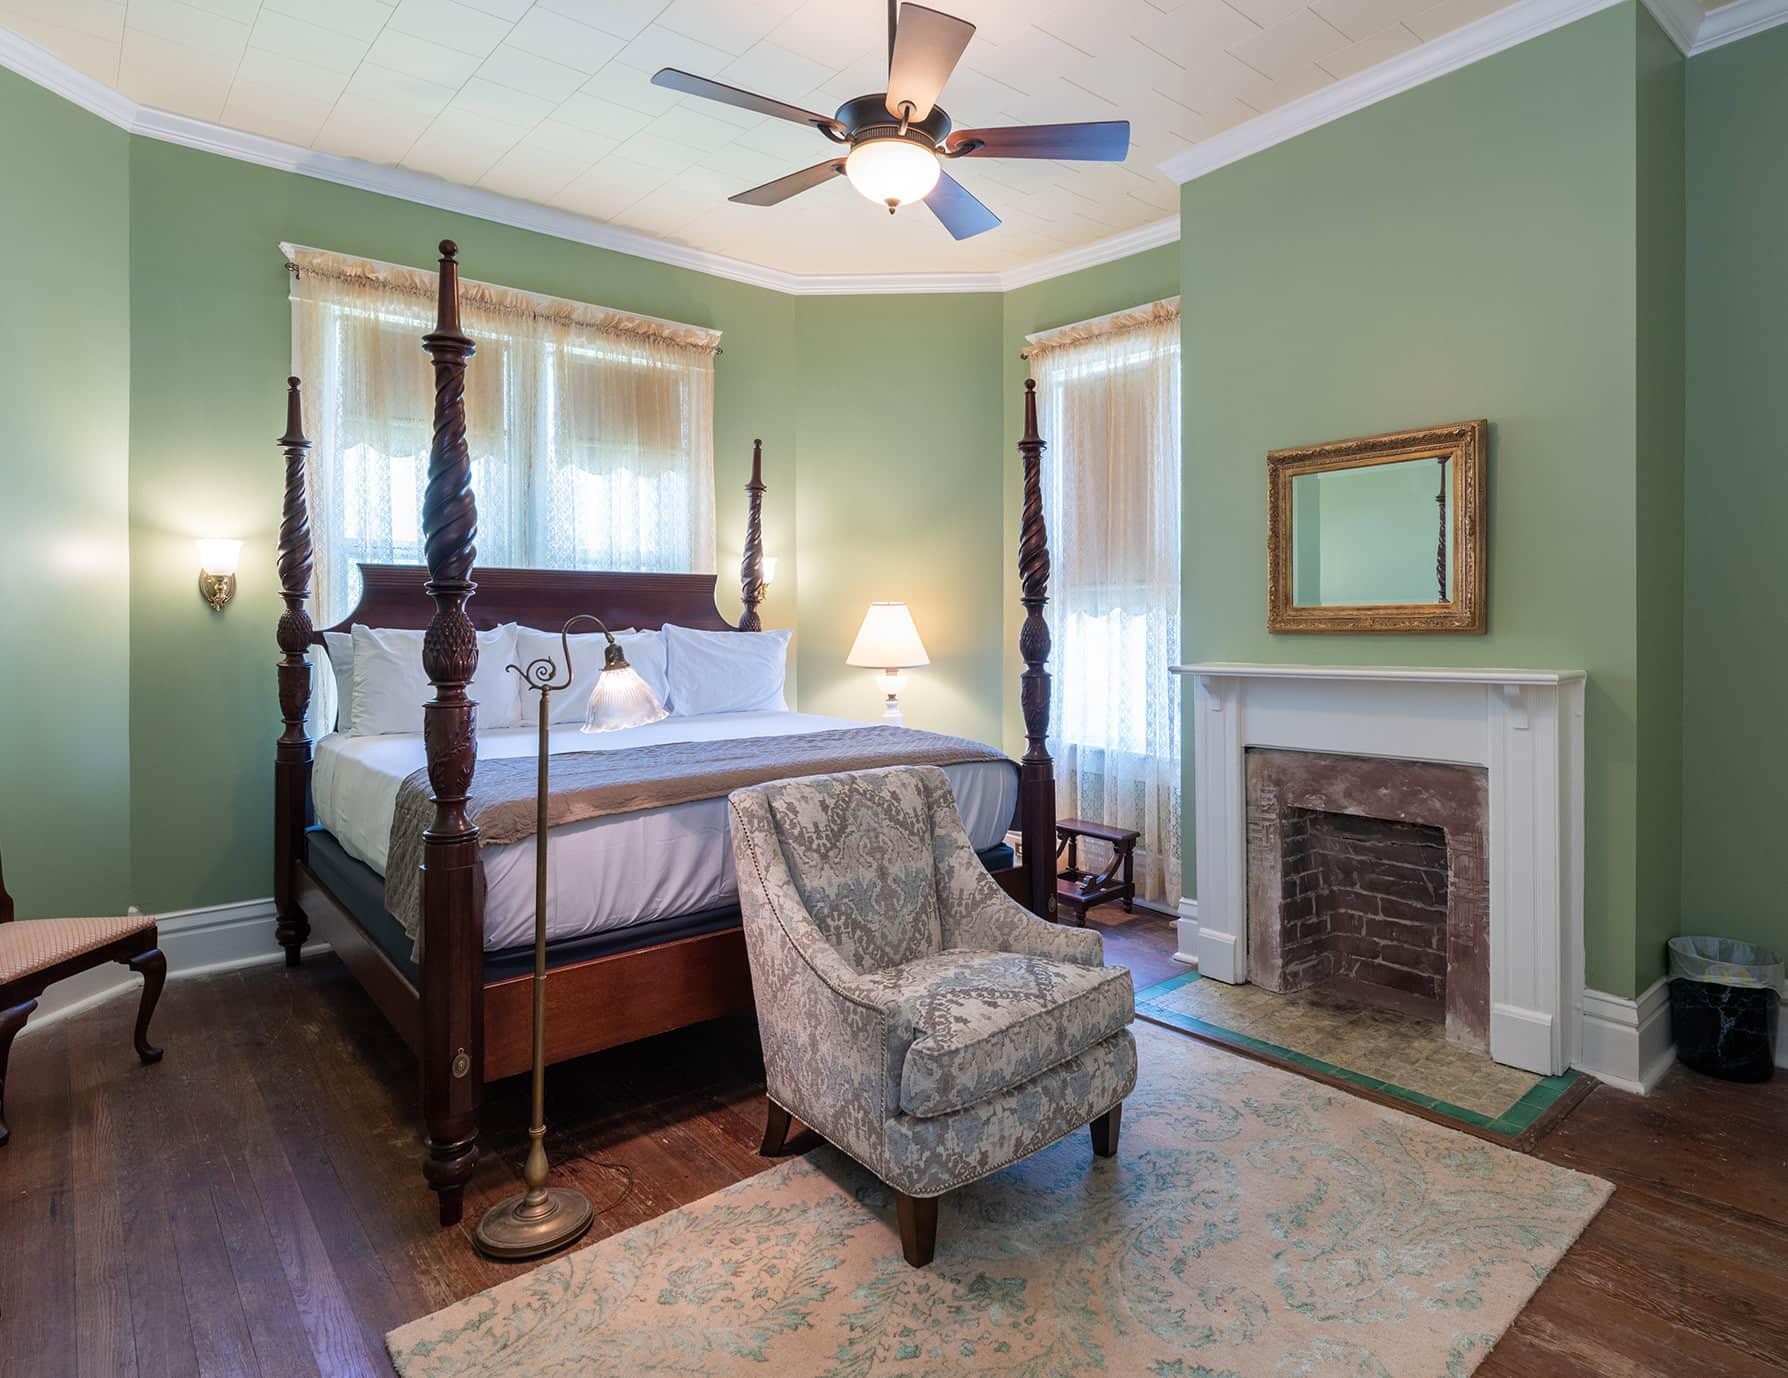 Robert Suite adjoining king bedroom